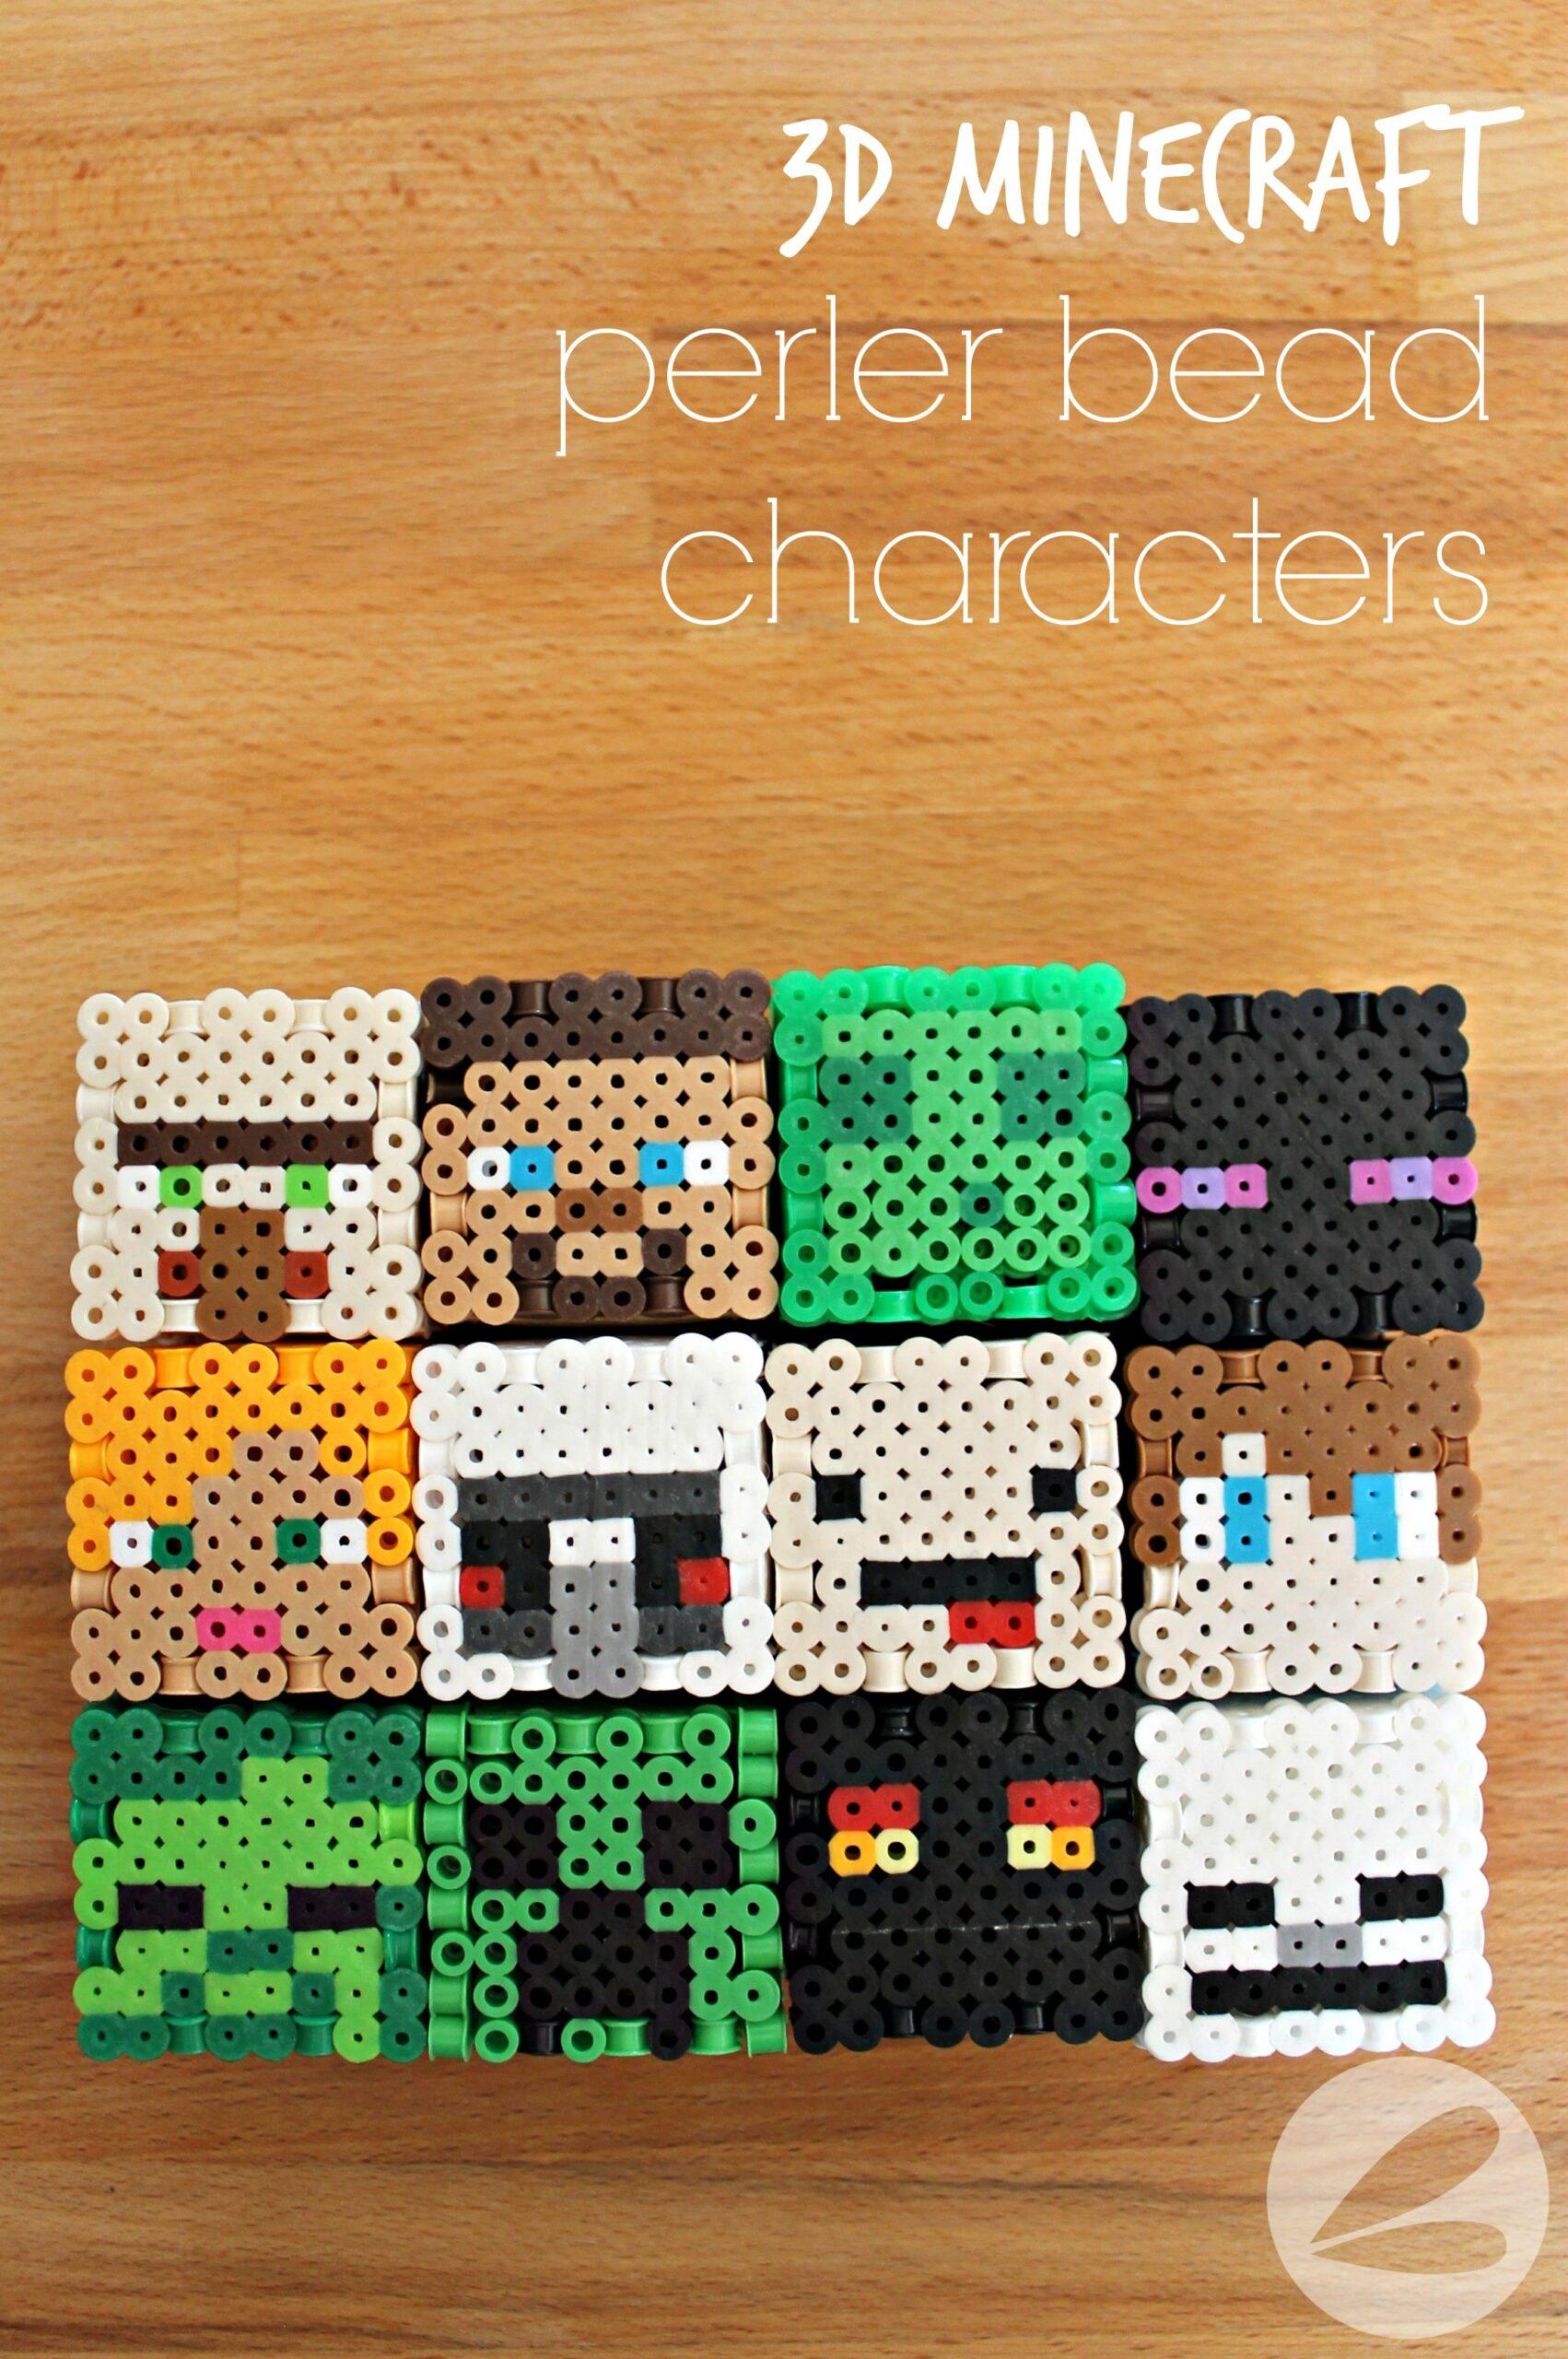 10D Minecraft Perler Bead Patterns » Homemade Heather